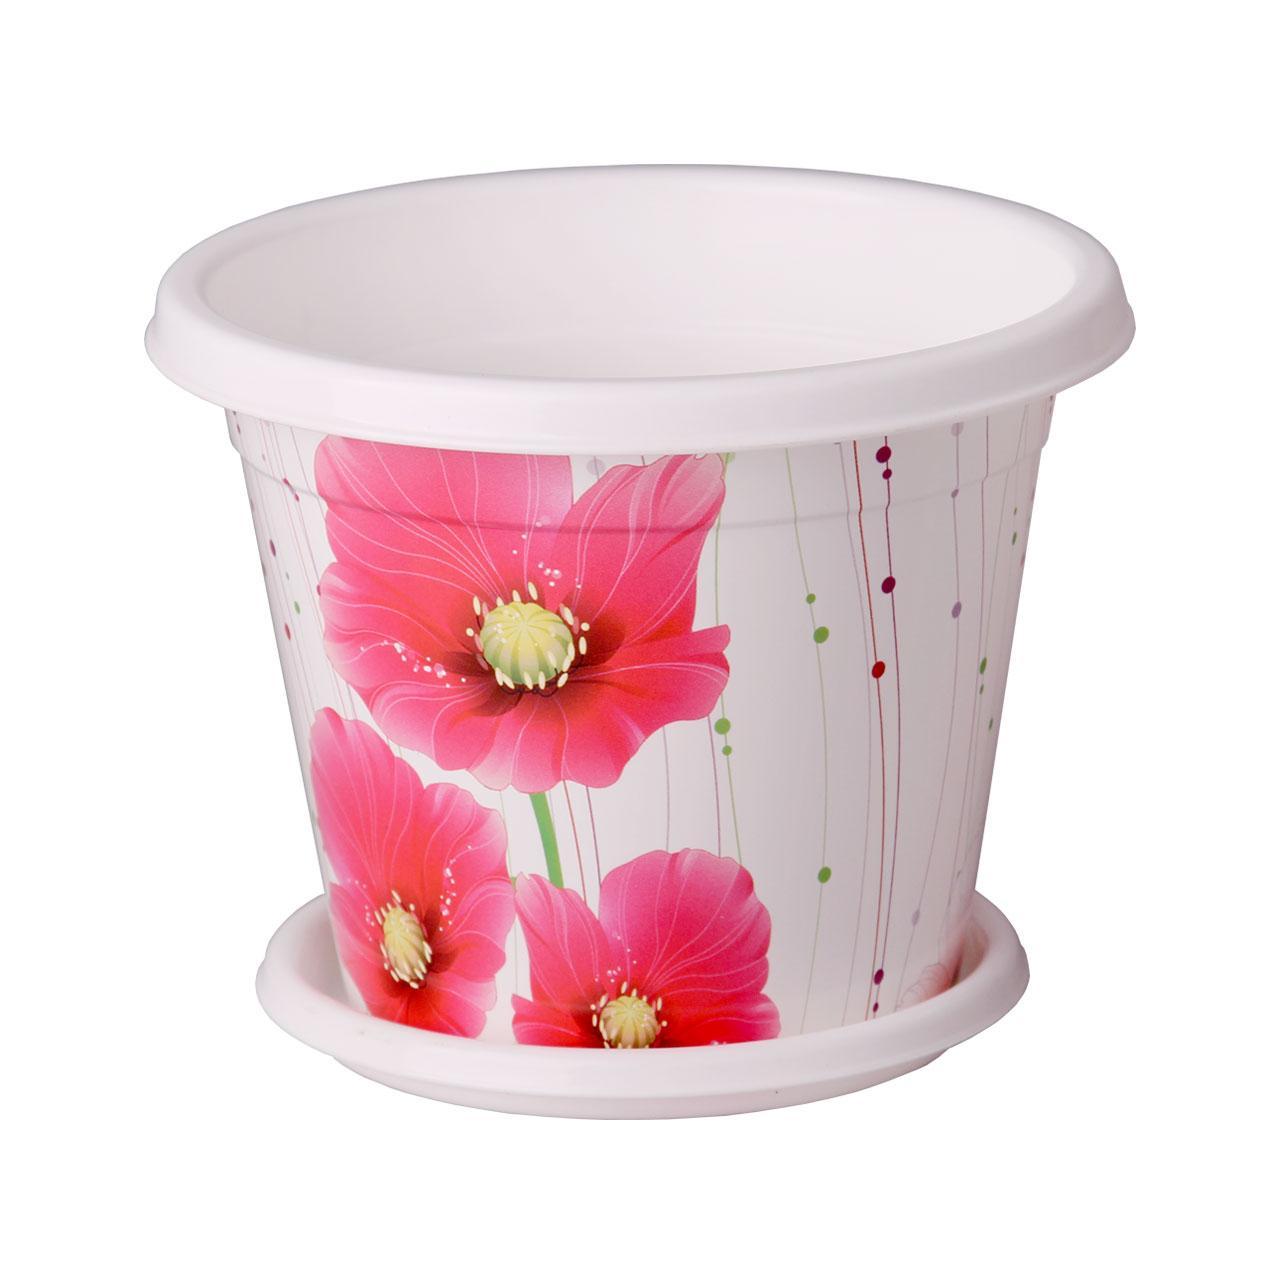 Горшок-кашпо Альтернатива Маки, с поддоном, 1 лМ2652Горшок-кашпо Альтернатива Маки изготовлен из высококачественного пластика и подходит для выращивания растений и цветов в домашних условиях. Такие изделия часто становятся последним штрихом, который совершенно изменяет интерьер помещения или ландшафтный дизайн сада. Благодаря такому горшку-кашпо вы сможете украсить вашу комнату, офис, сад и другие места. Изделие оснащено специальным поддоном и декорировано ярким изображением маков. Объем горшка: 1 л. Диаметр горшка (по верхнему краю): 15 см. Высота горшка: 12 см. Диаметр поддона: 12 см.